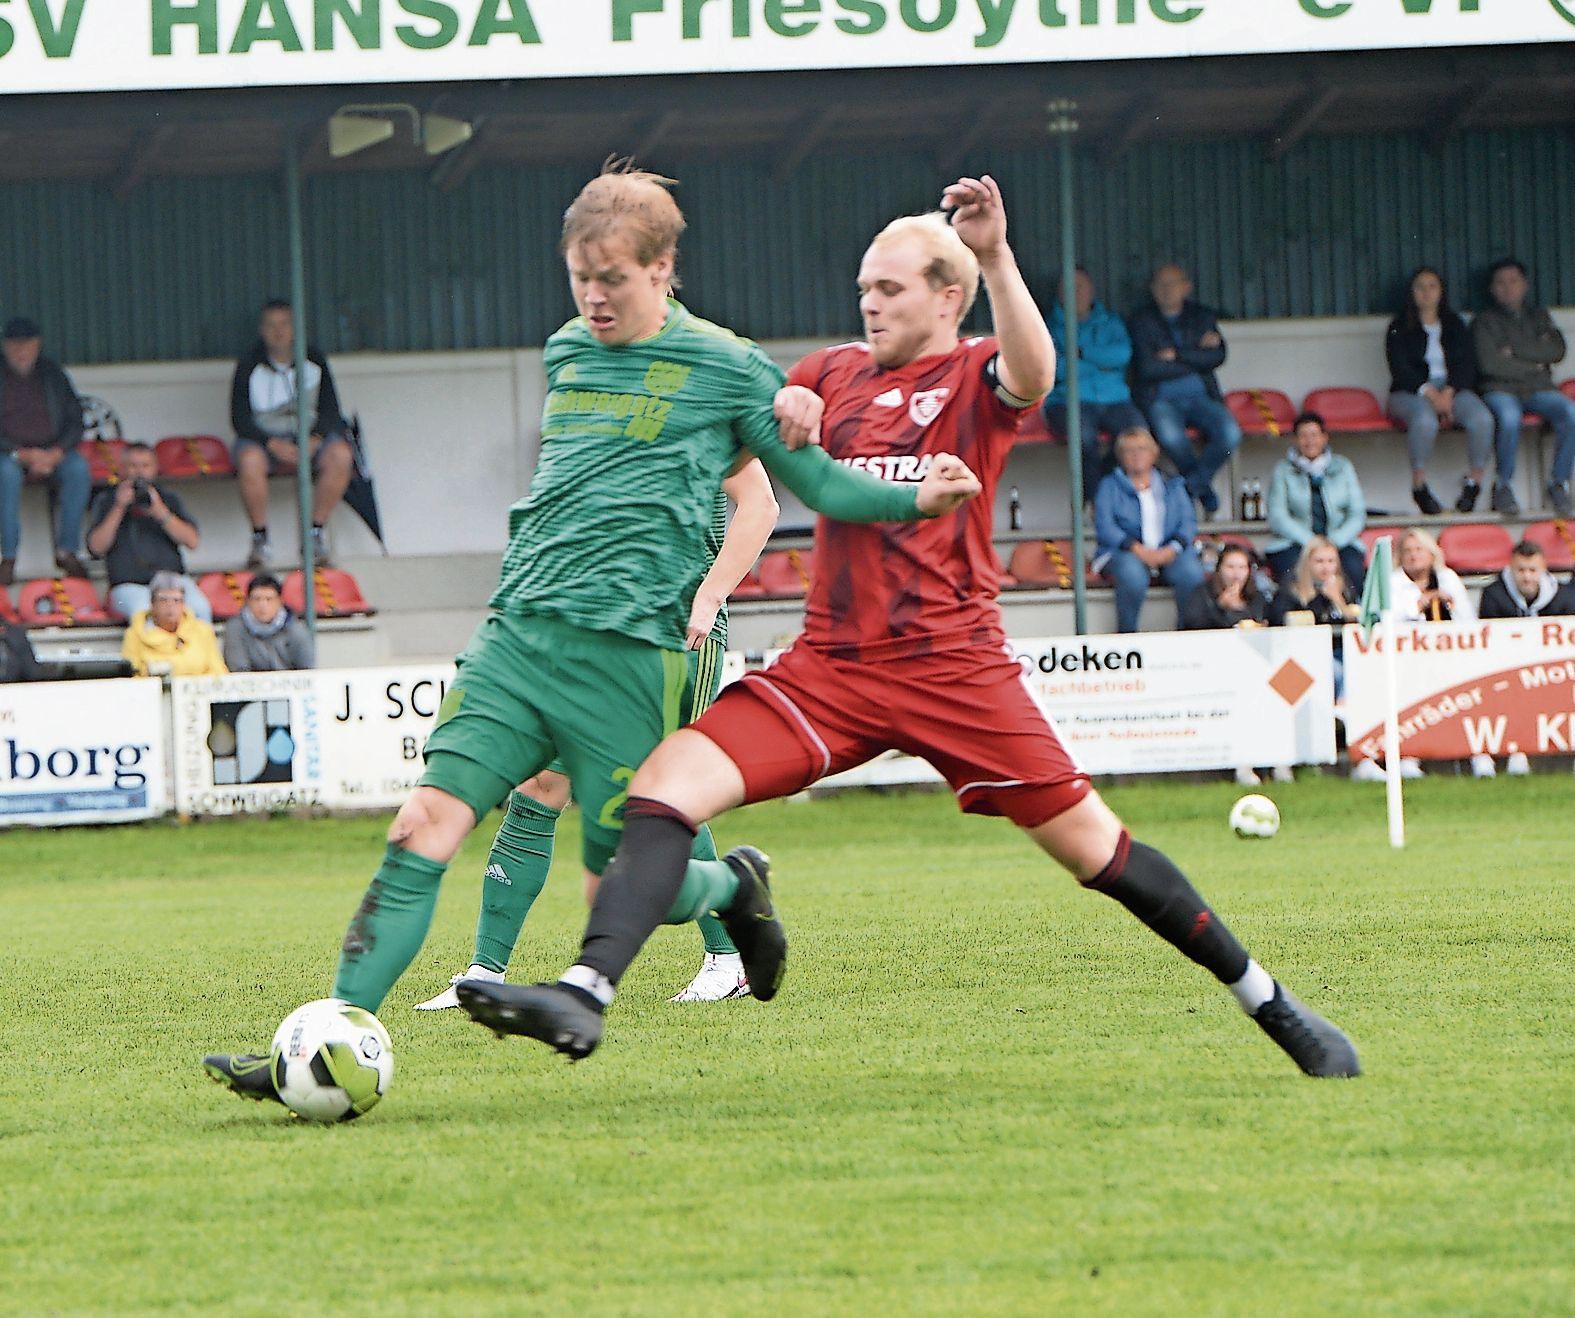 Feste Größe: Youngster Jeremy Knese (links) zählt bei Hansa Friesoythe zum Stammpersonal des Landesligakaders. Foto: Langosch